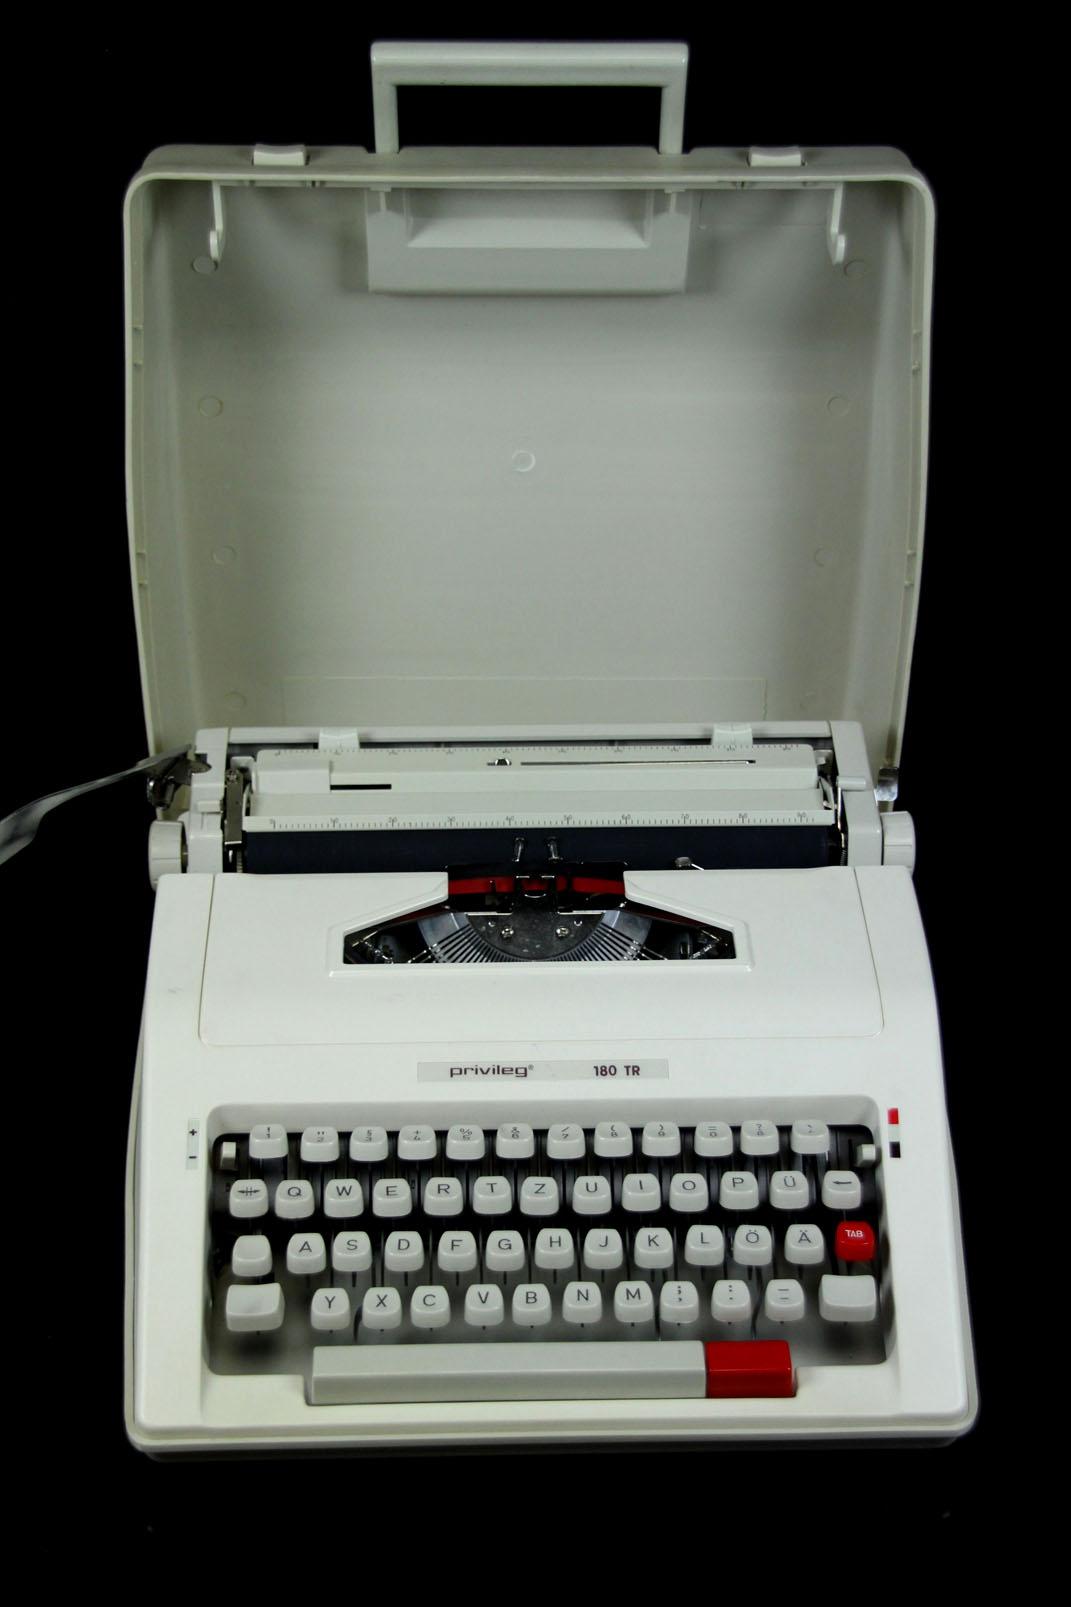 privileg 180 tr reise schreibmaschine im koffer typewriter kleinschreibmaschine ebay. Black Bedroom Furniture Sets. Home Design Ideas